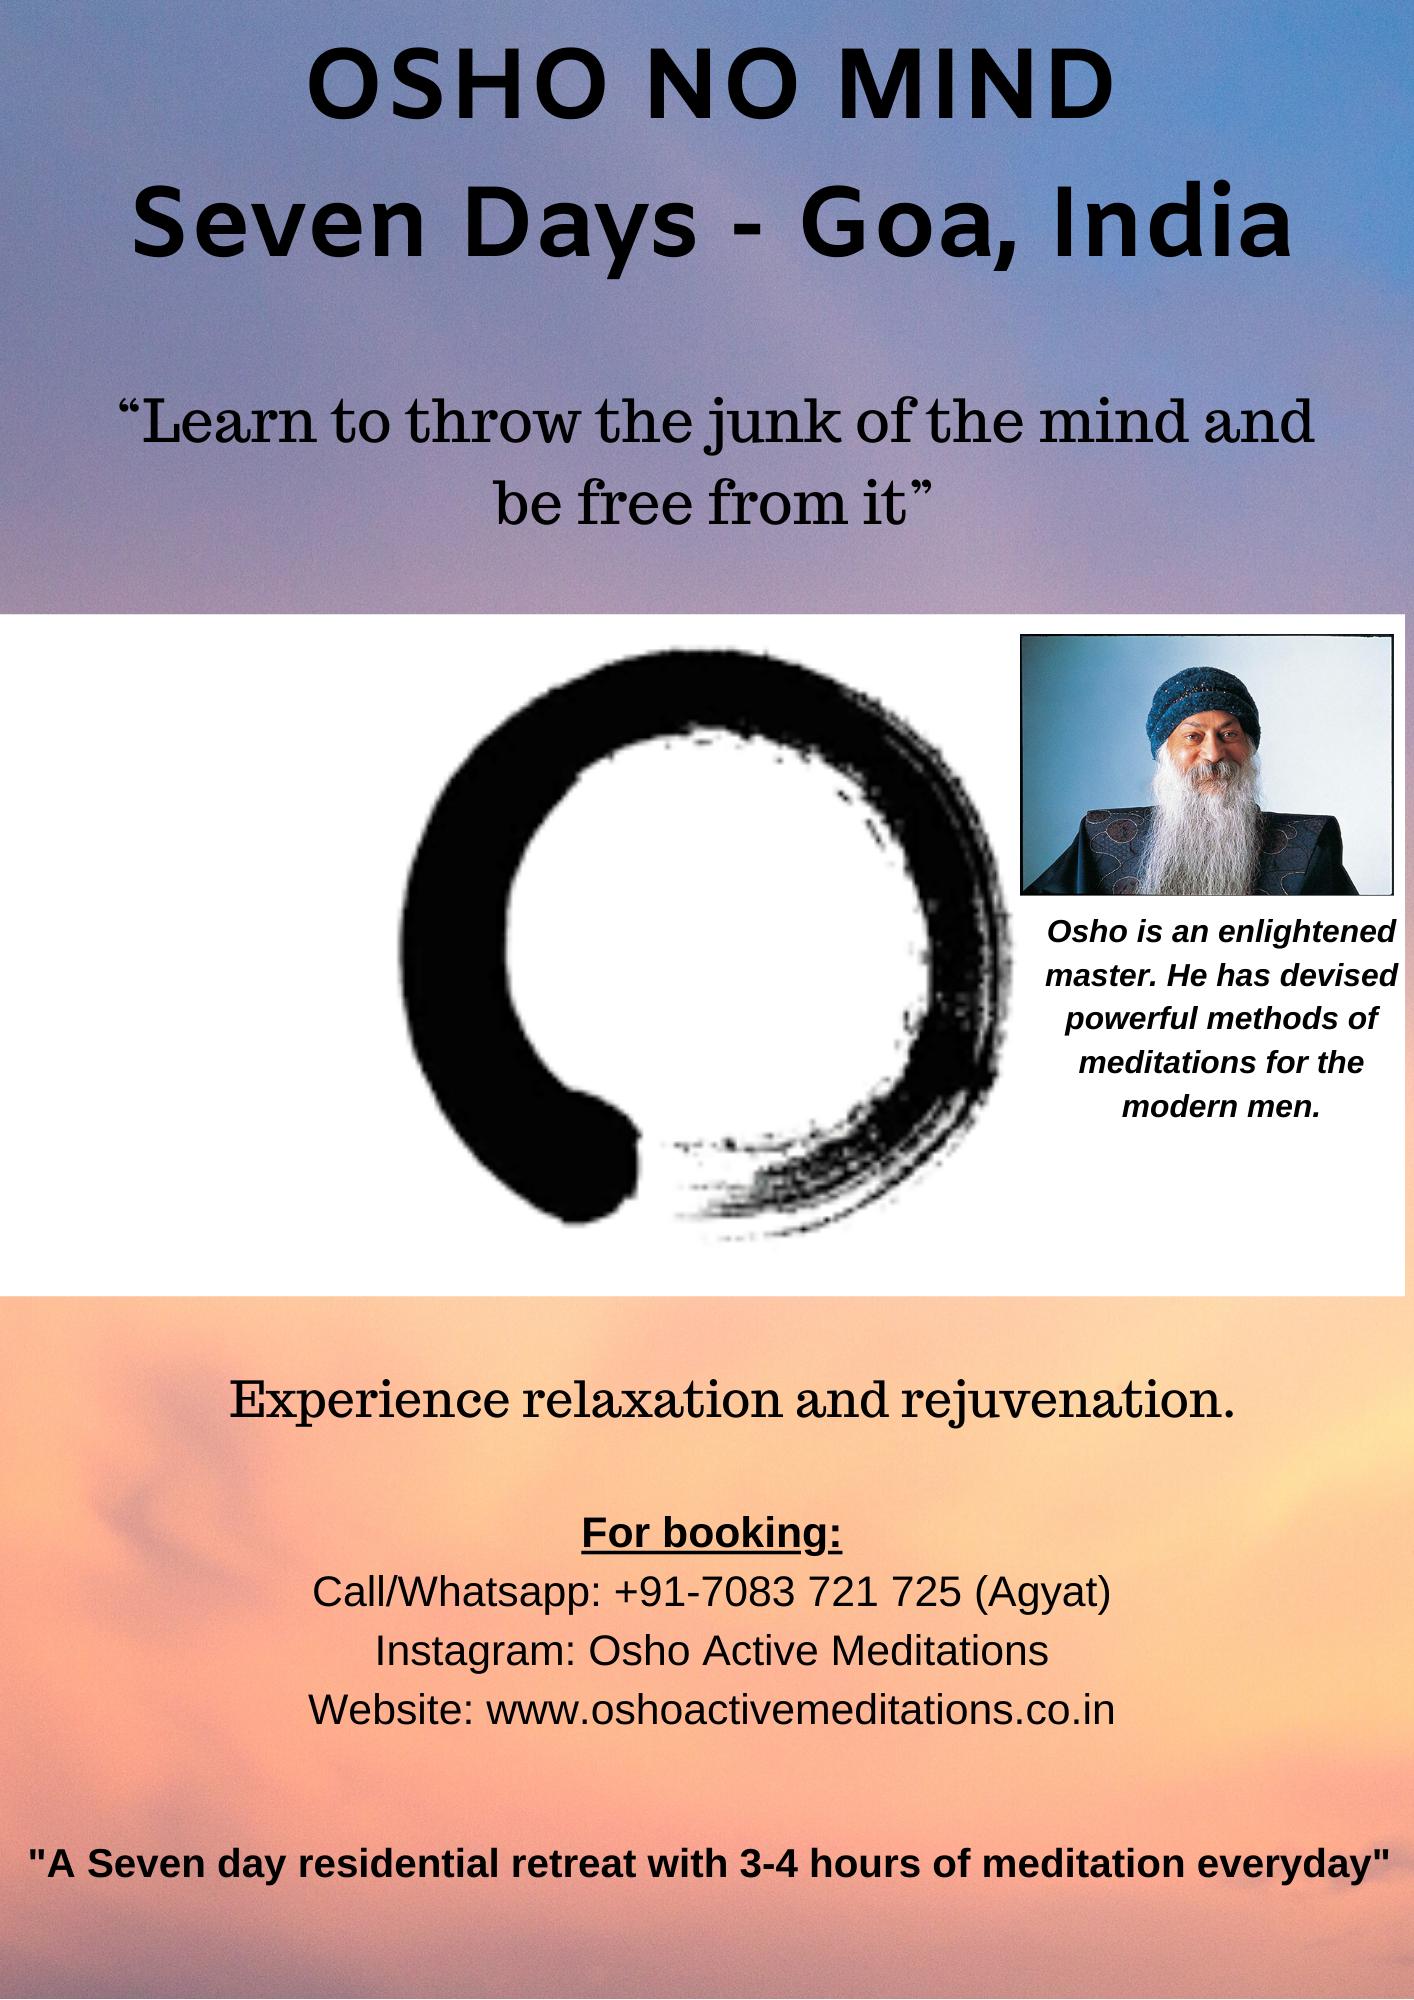 7 Days - Osho No Mind Retreat